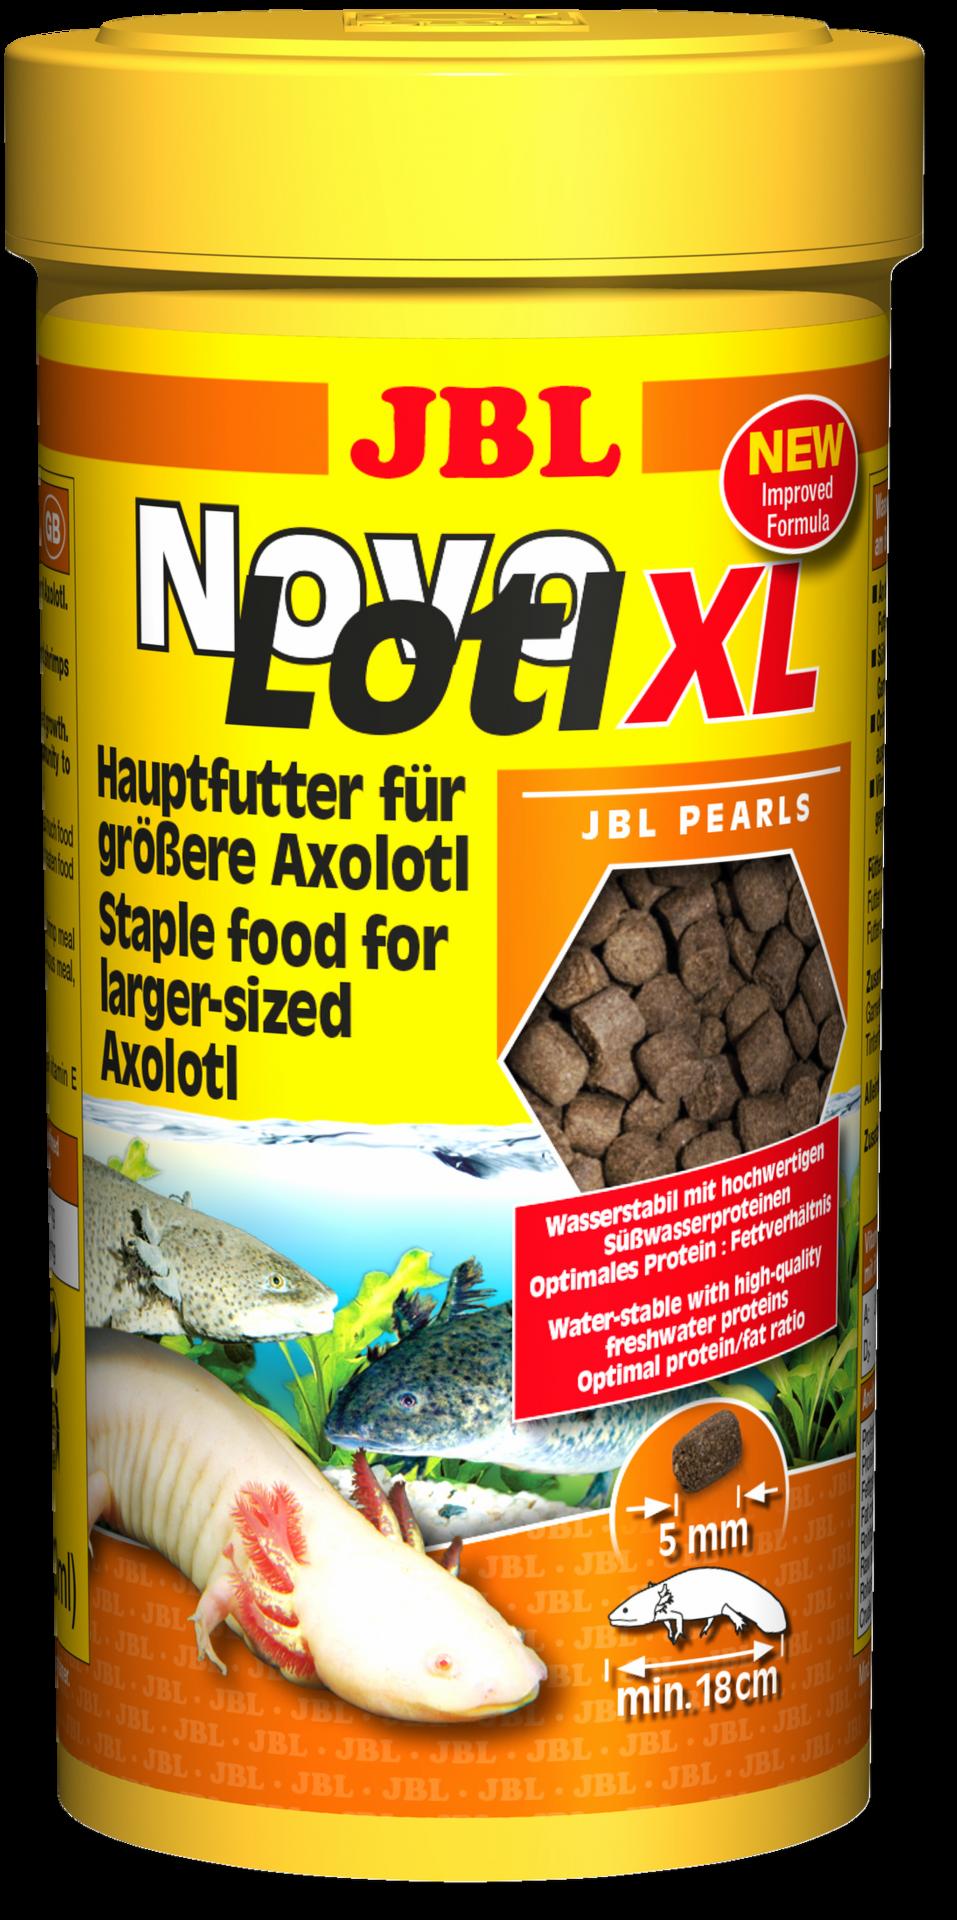 Novolotl xl